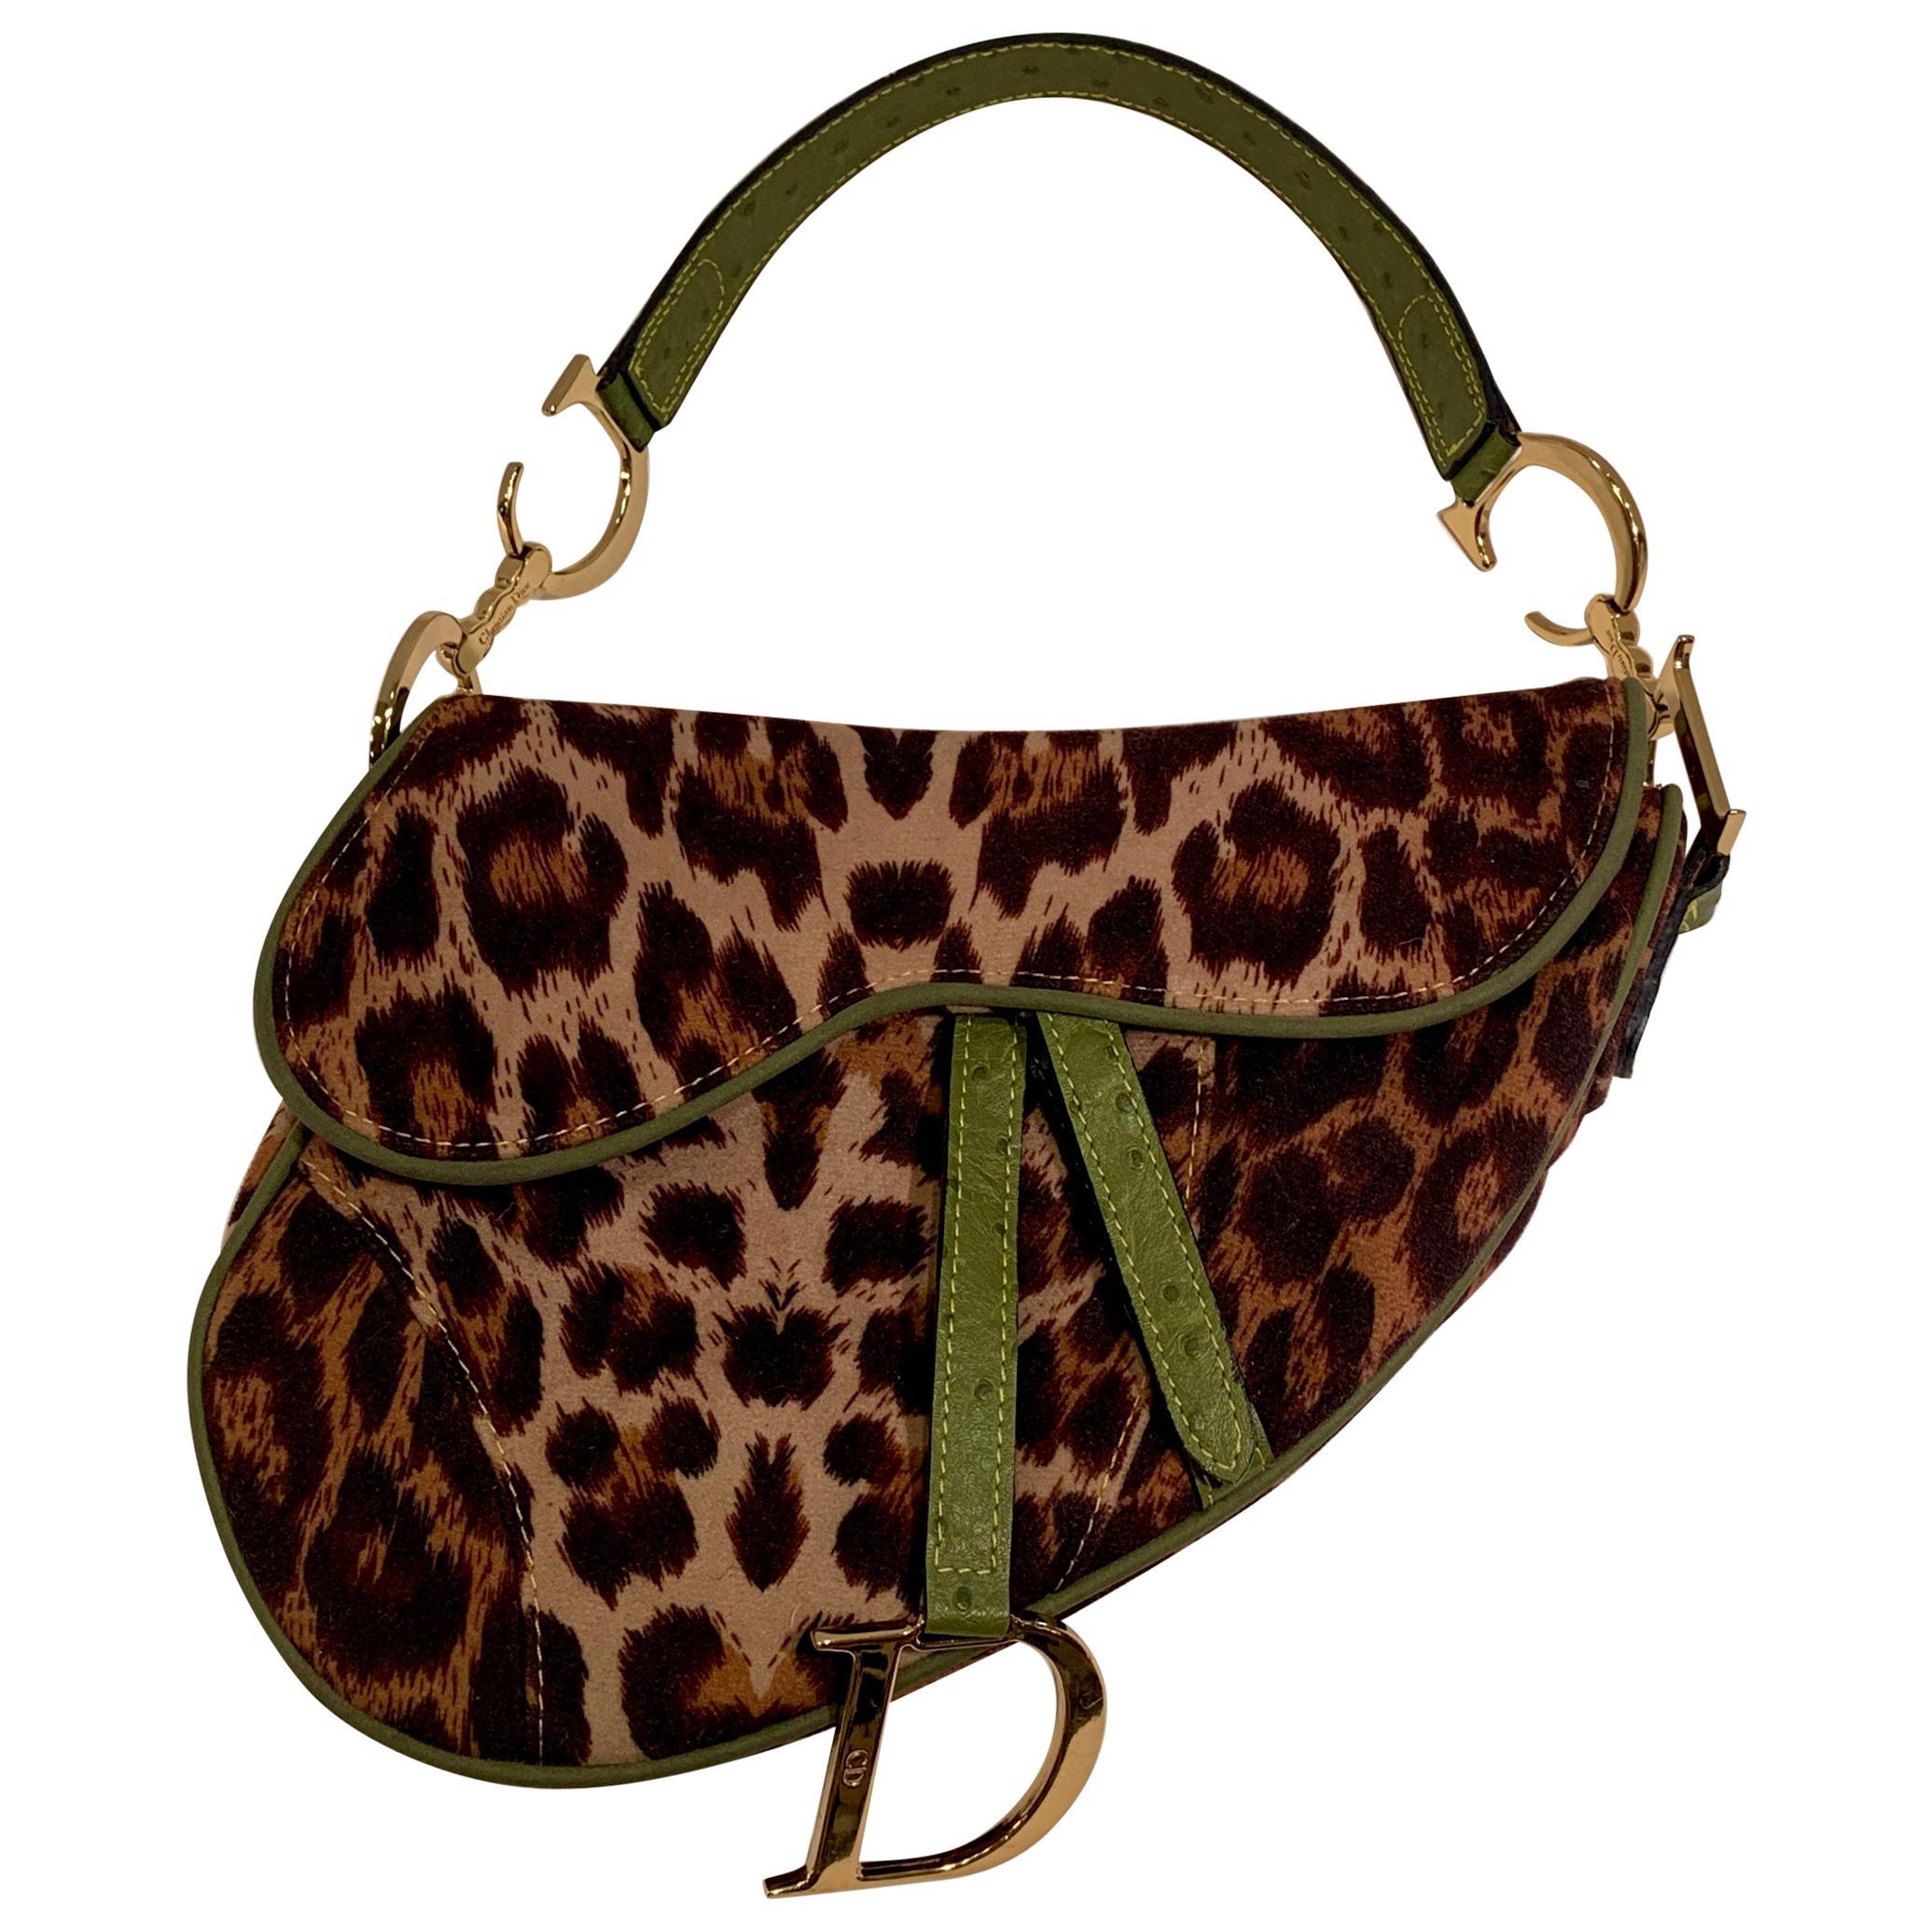 afa4915784 Vintage and Designer Bags - 23,189 For Sale at 1stdibs